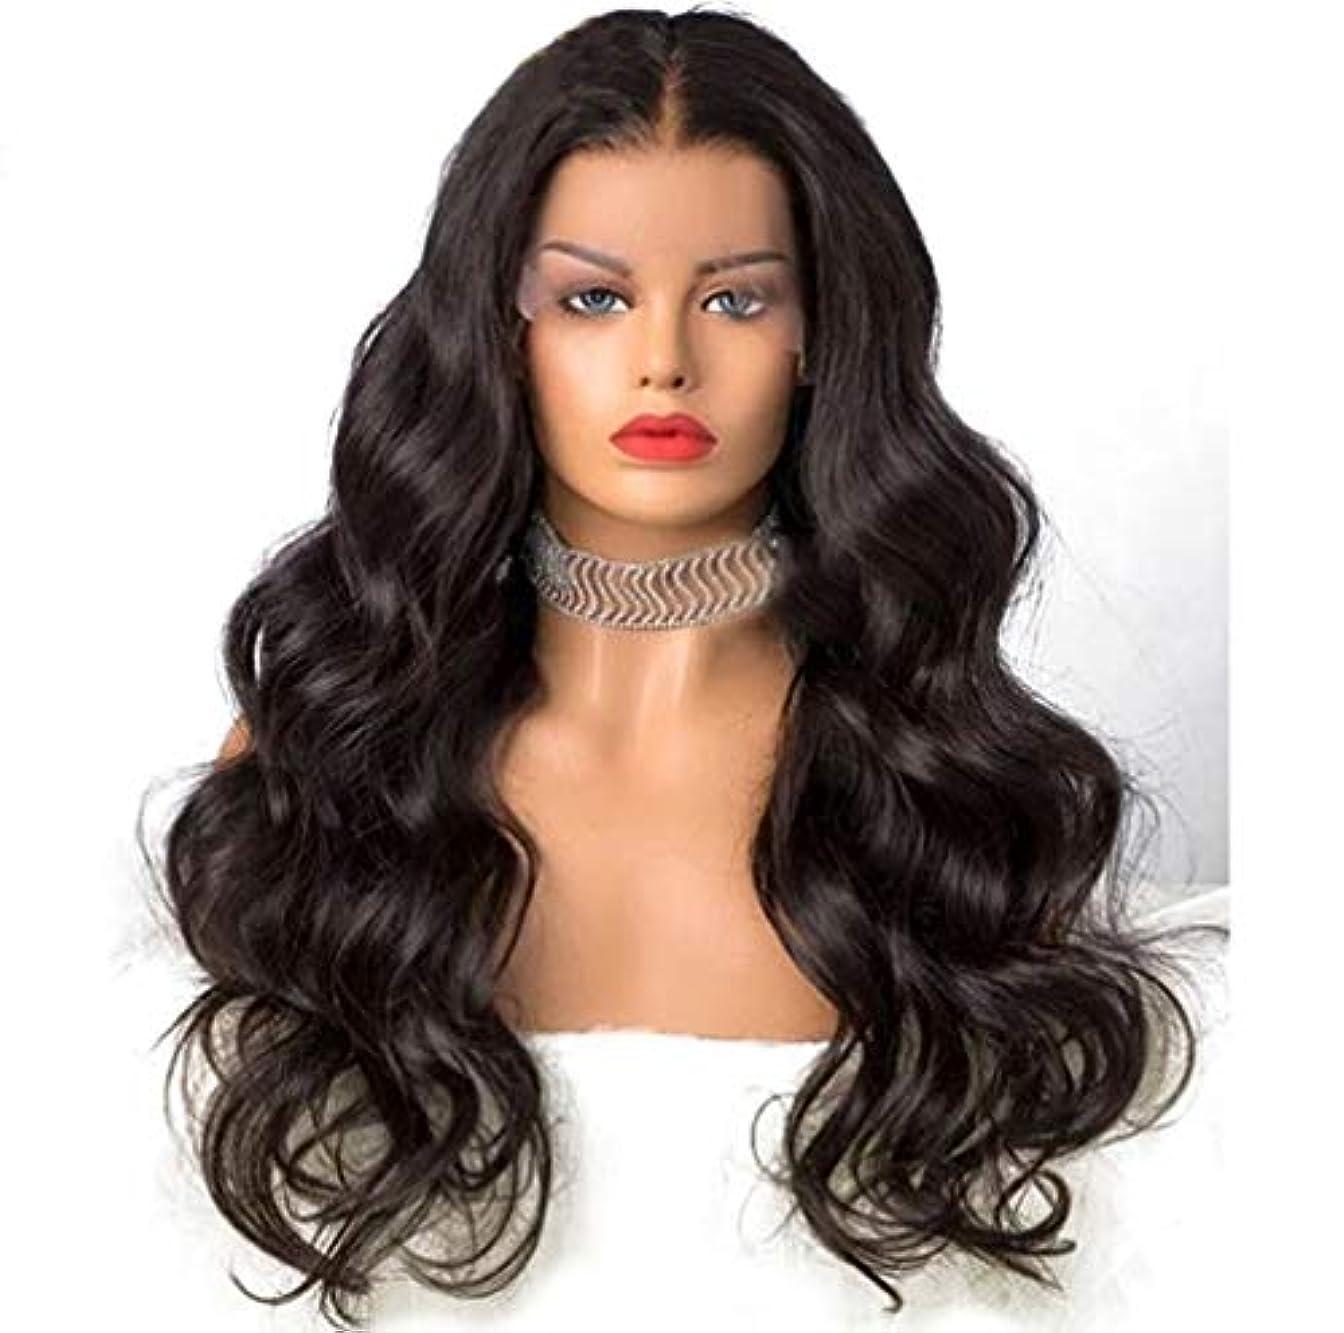 光電レギュラーダーツ女性かつら150%密度フロントレース耐熱合成長い巻き毛かつら人工毛側部かつら